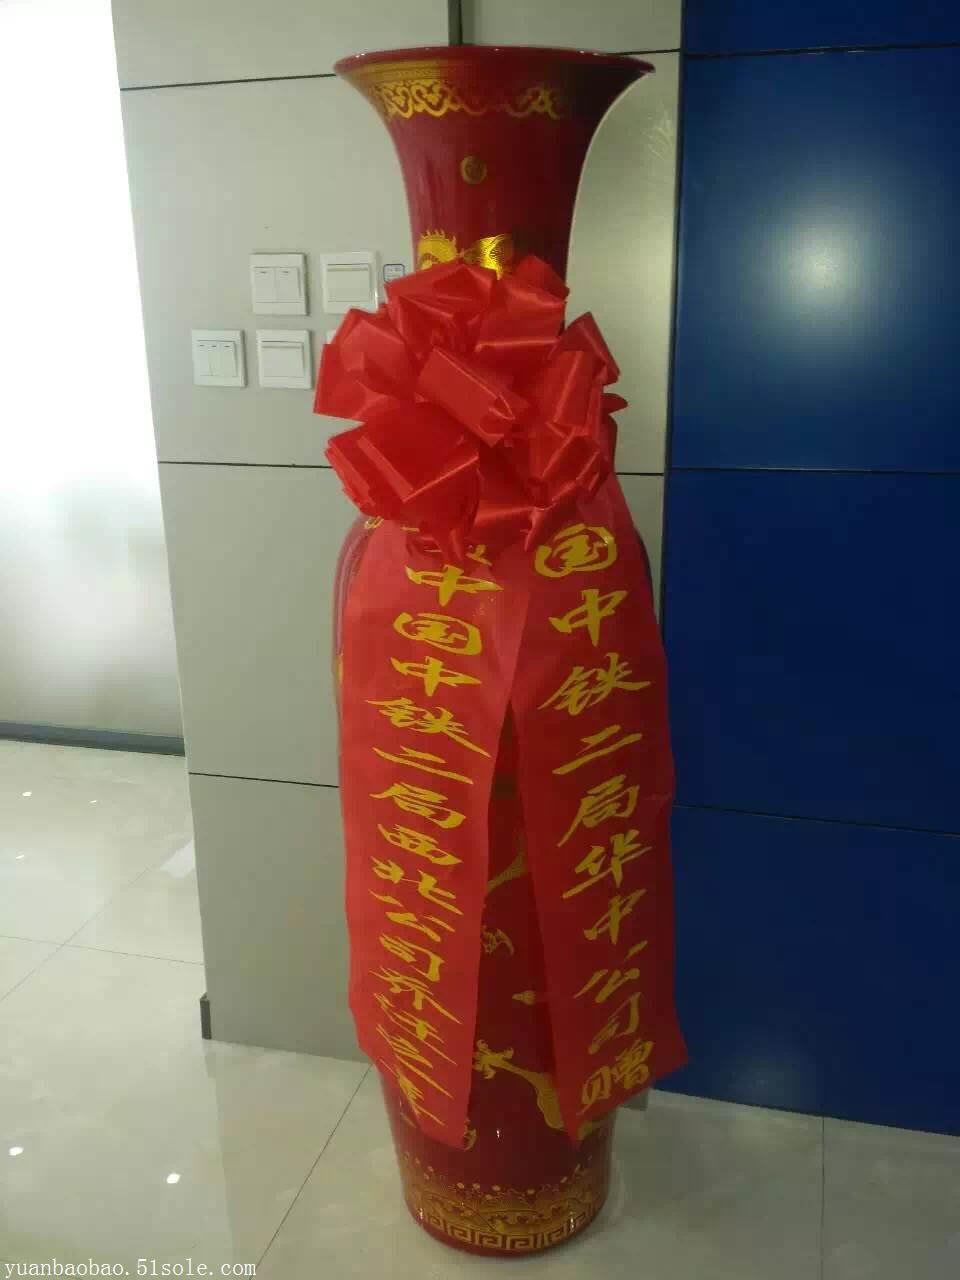 西安景泰蓝花瓶一对多钱 酒店大厅摆放什么工艺品